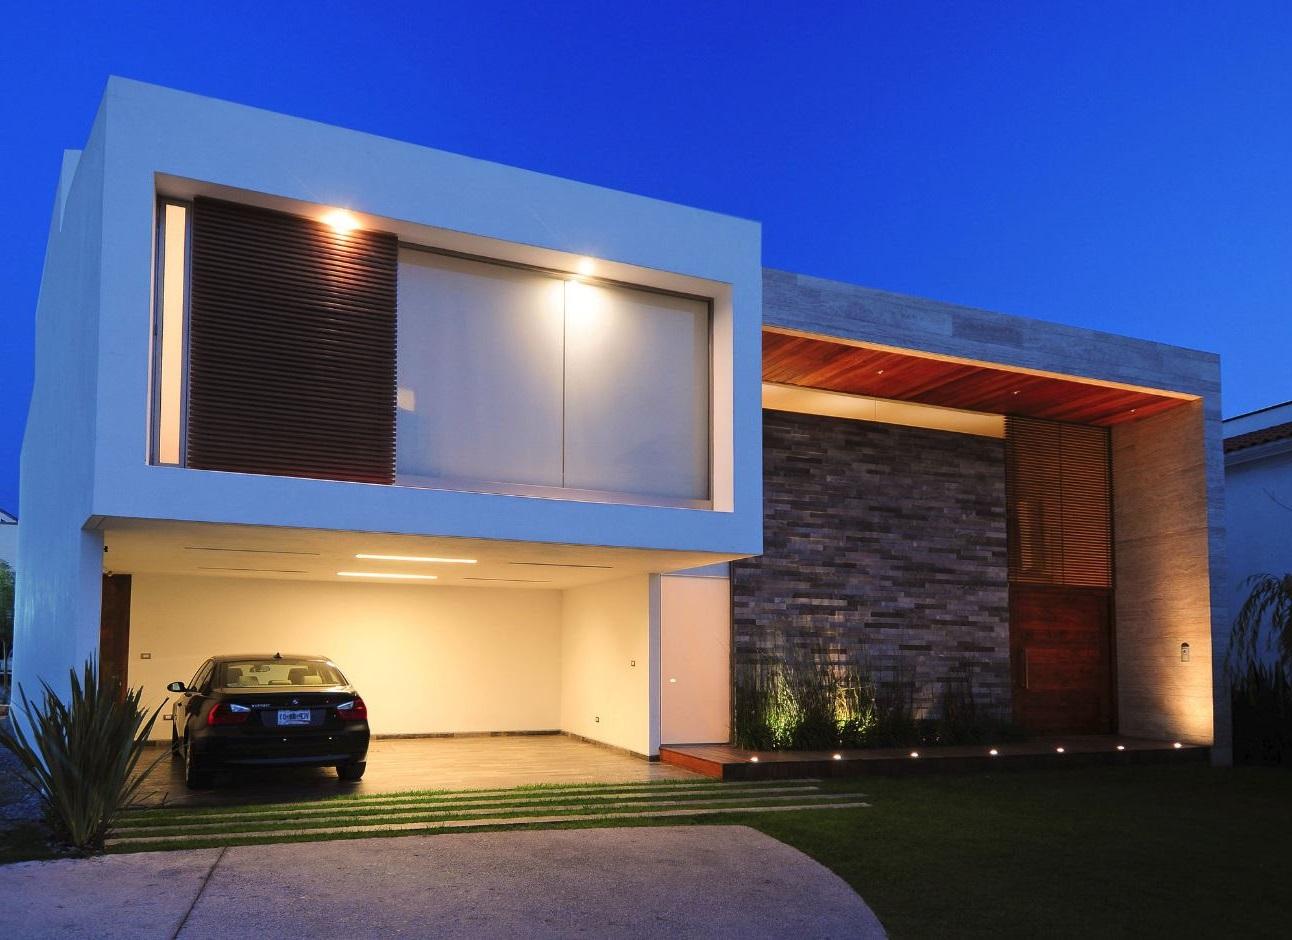 Diseños de fachadas de casas de una y dos plantas, nos adentramos en ...